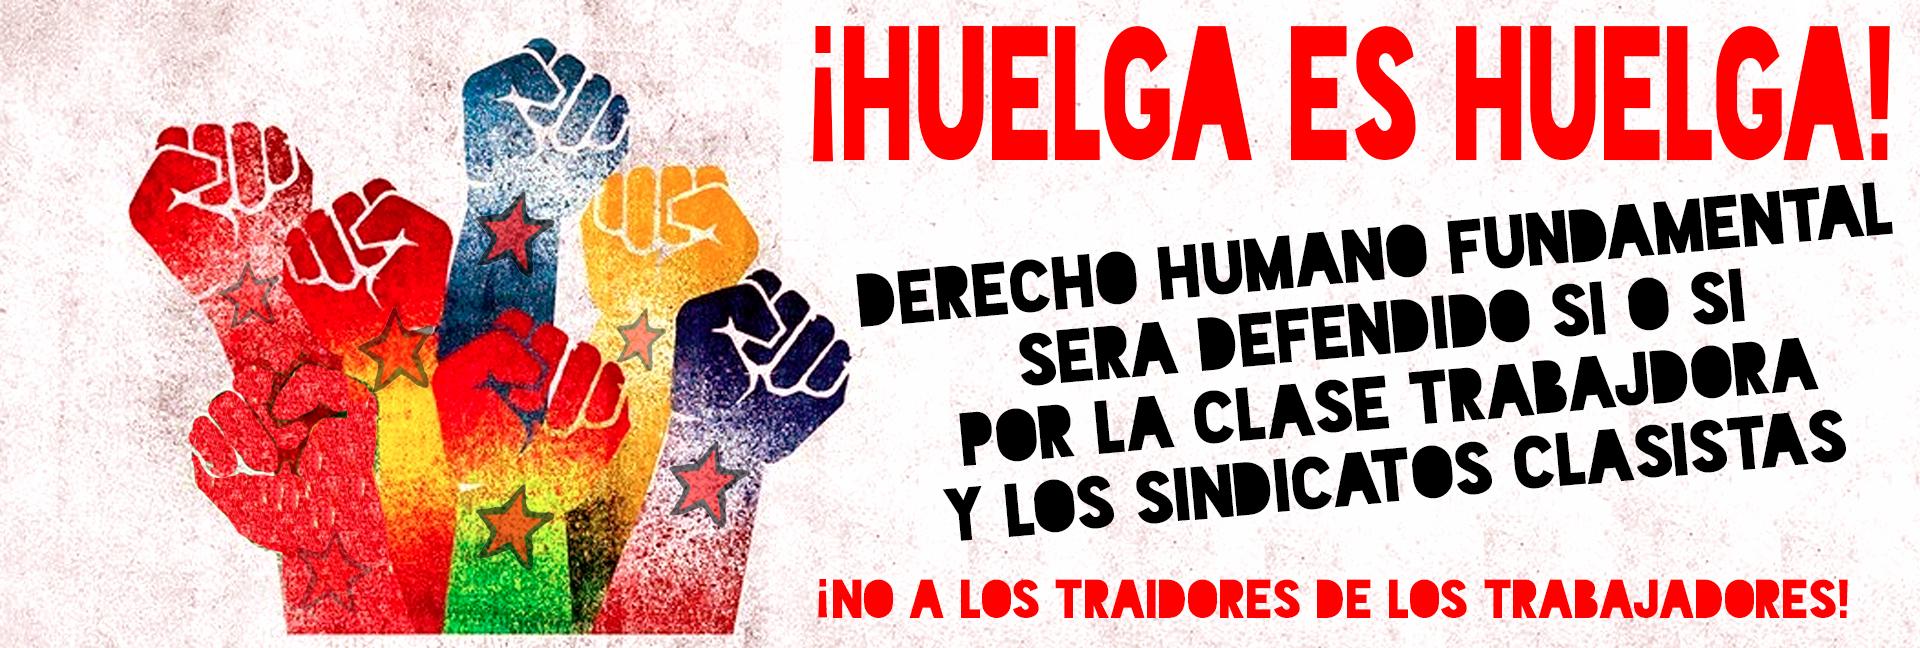 derecho a huelga